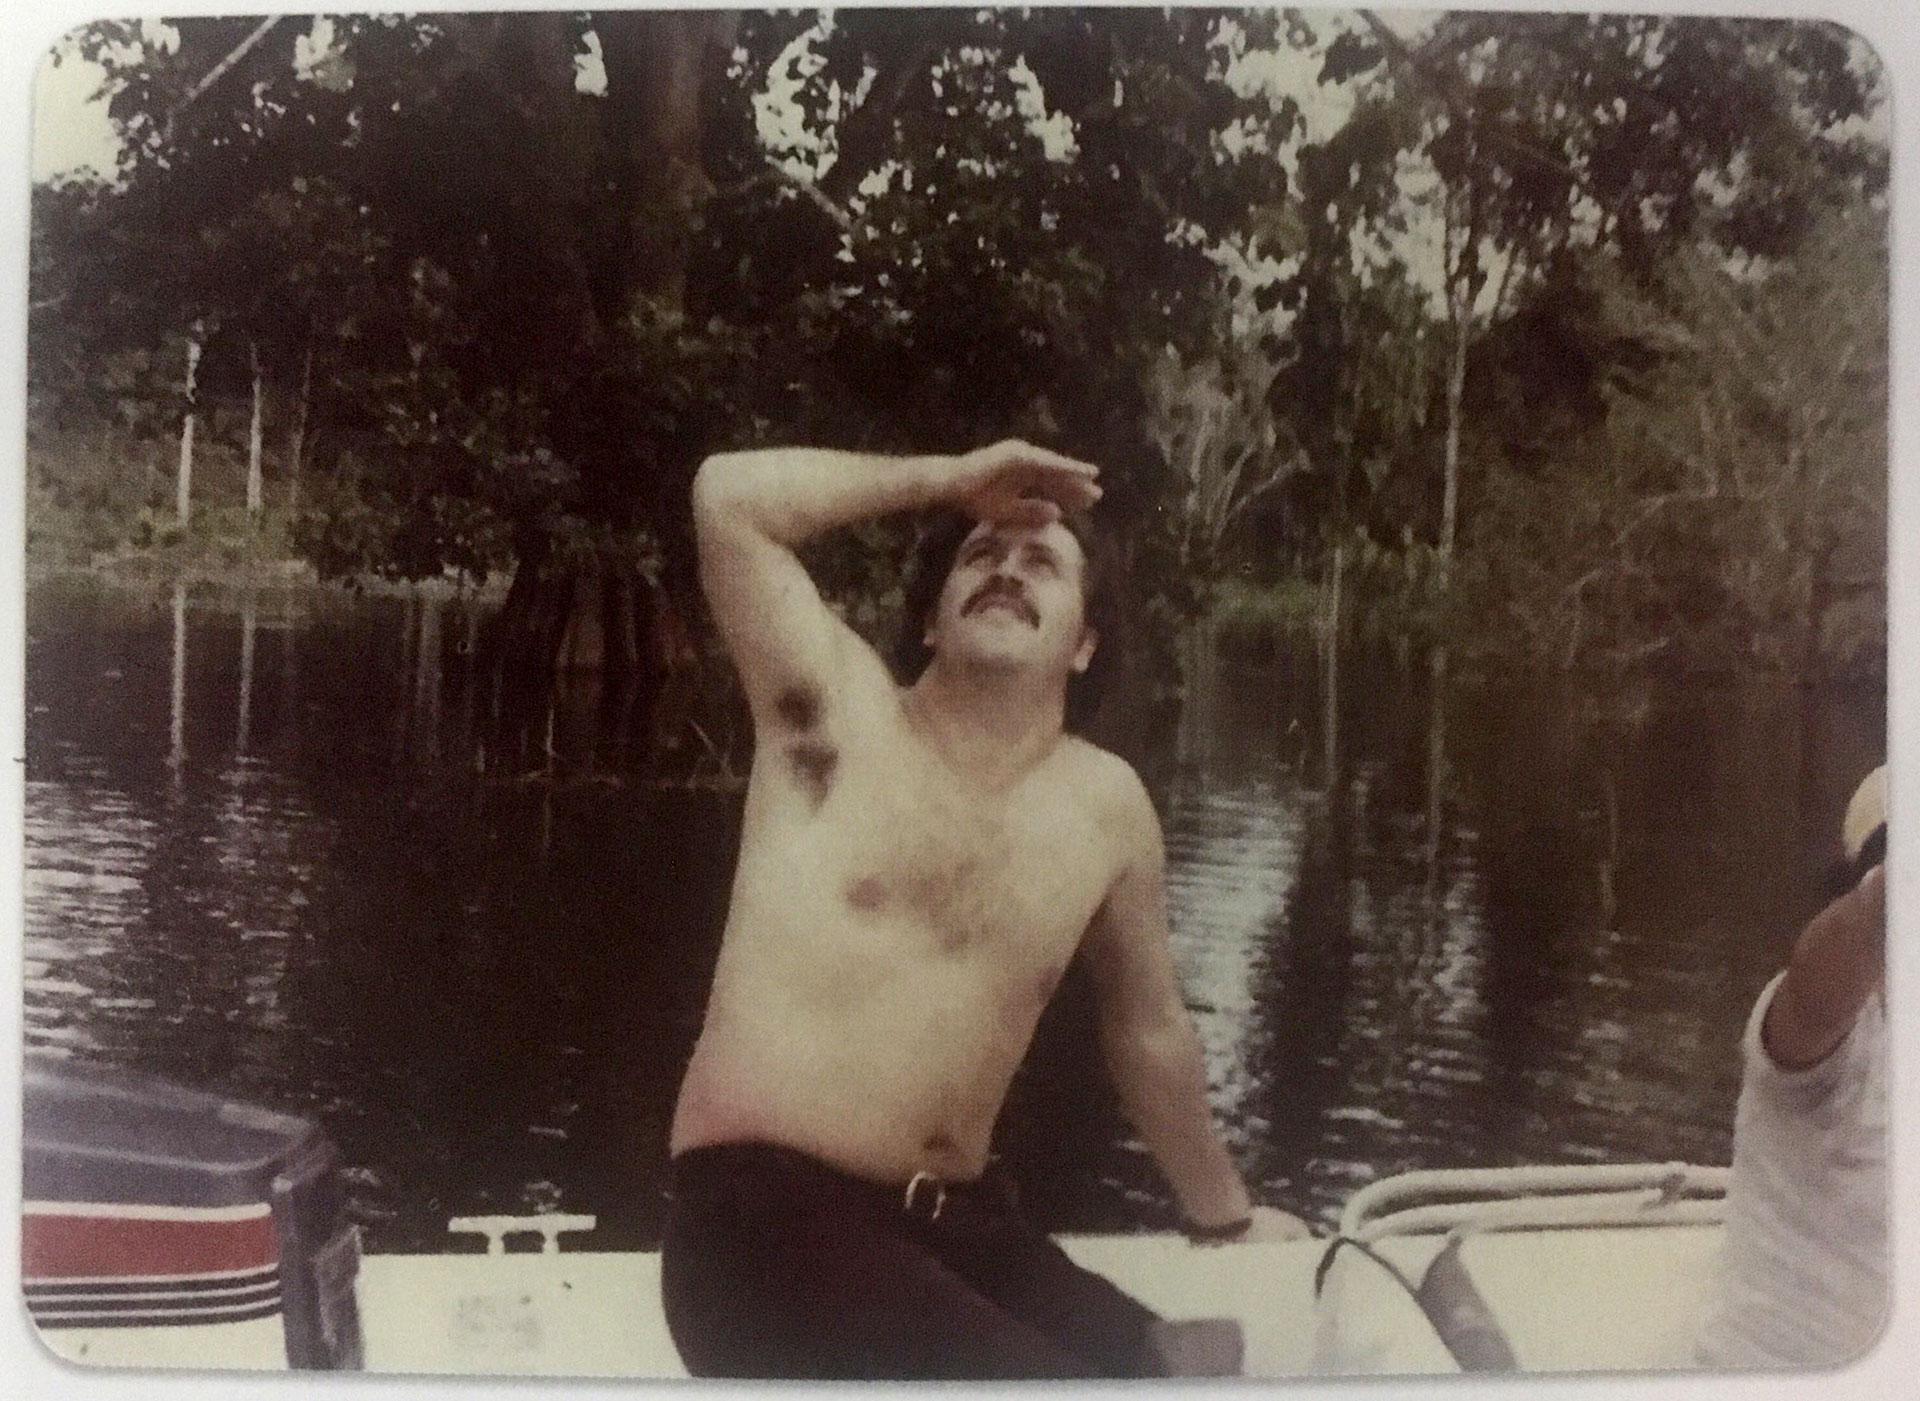 Pablo Escobar Gaviria en la Hacienda Nápoles, donde creó uno de los zoológicos más exóticos del continente (Victoria Eugenia Henao / Editorial Planeta)